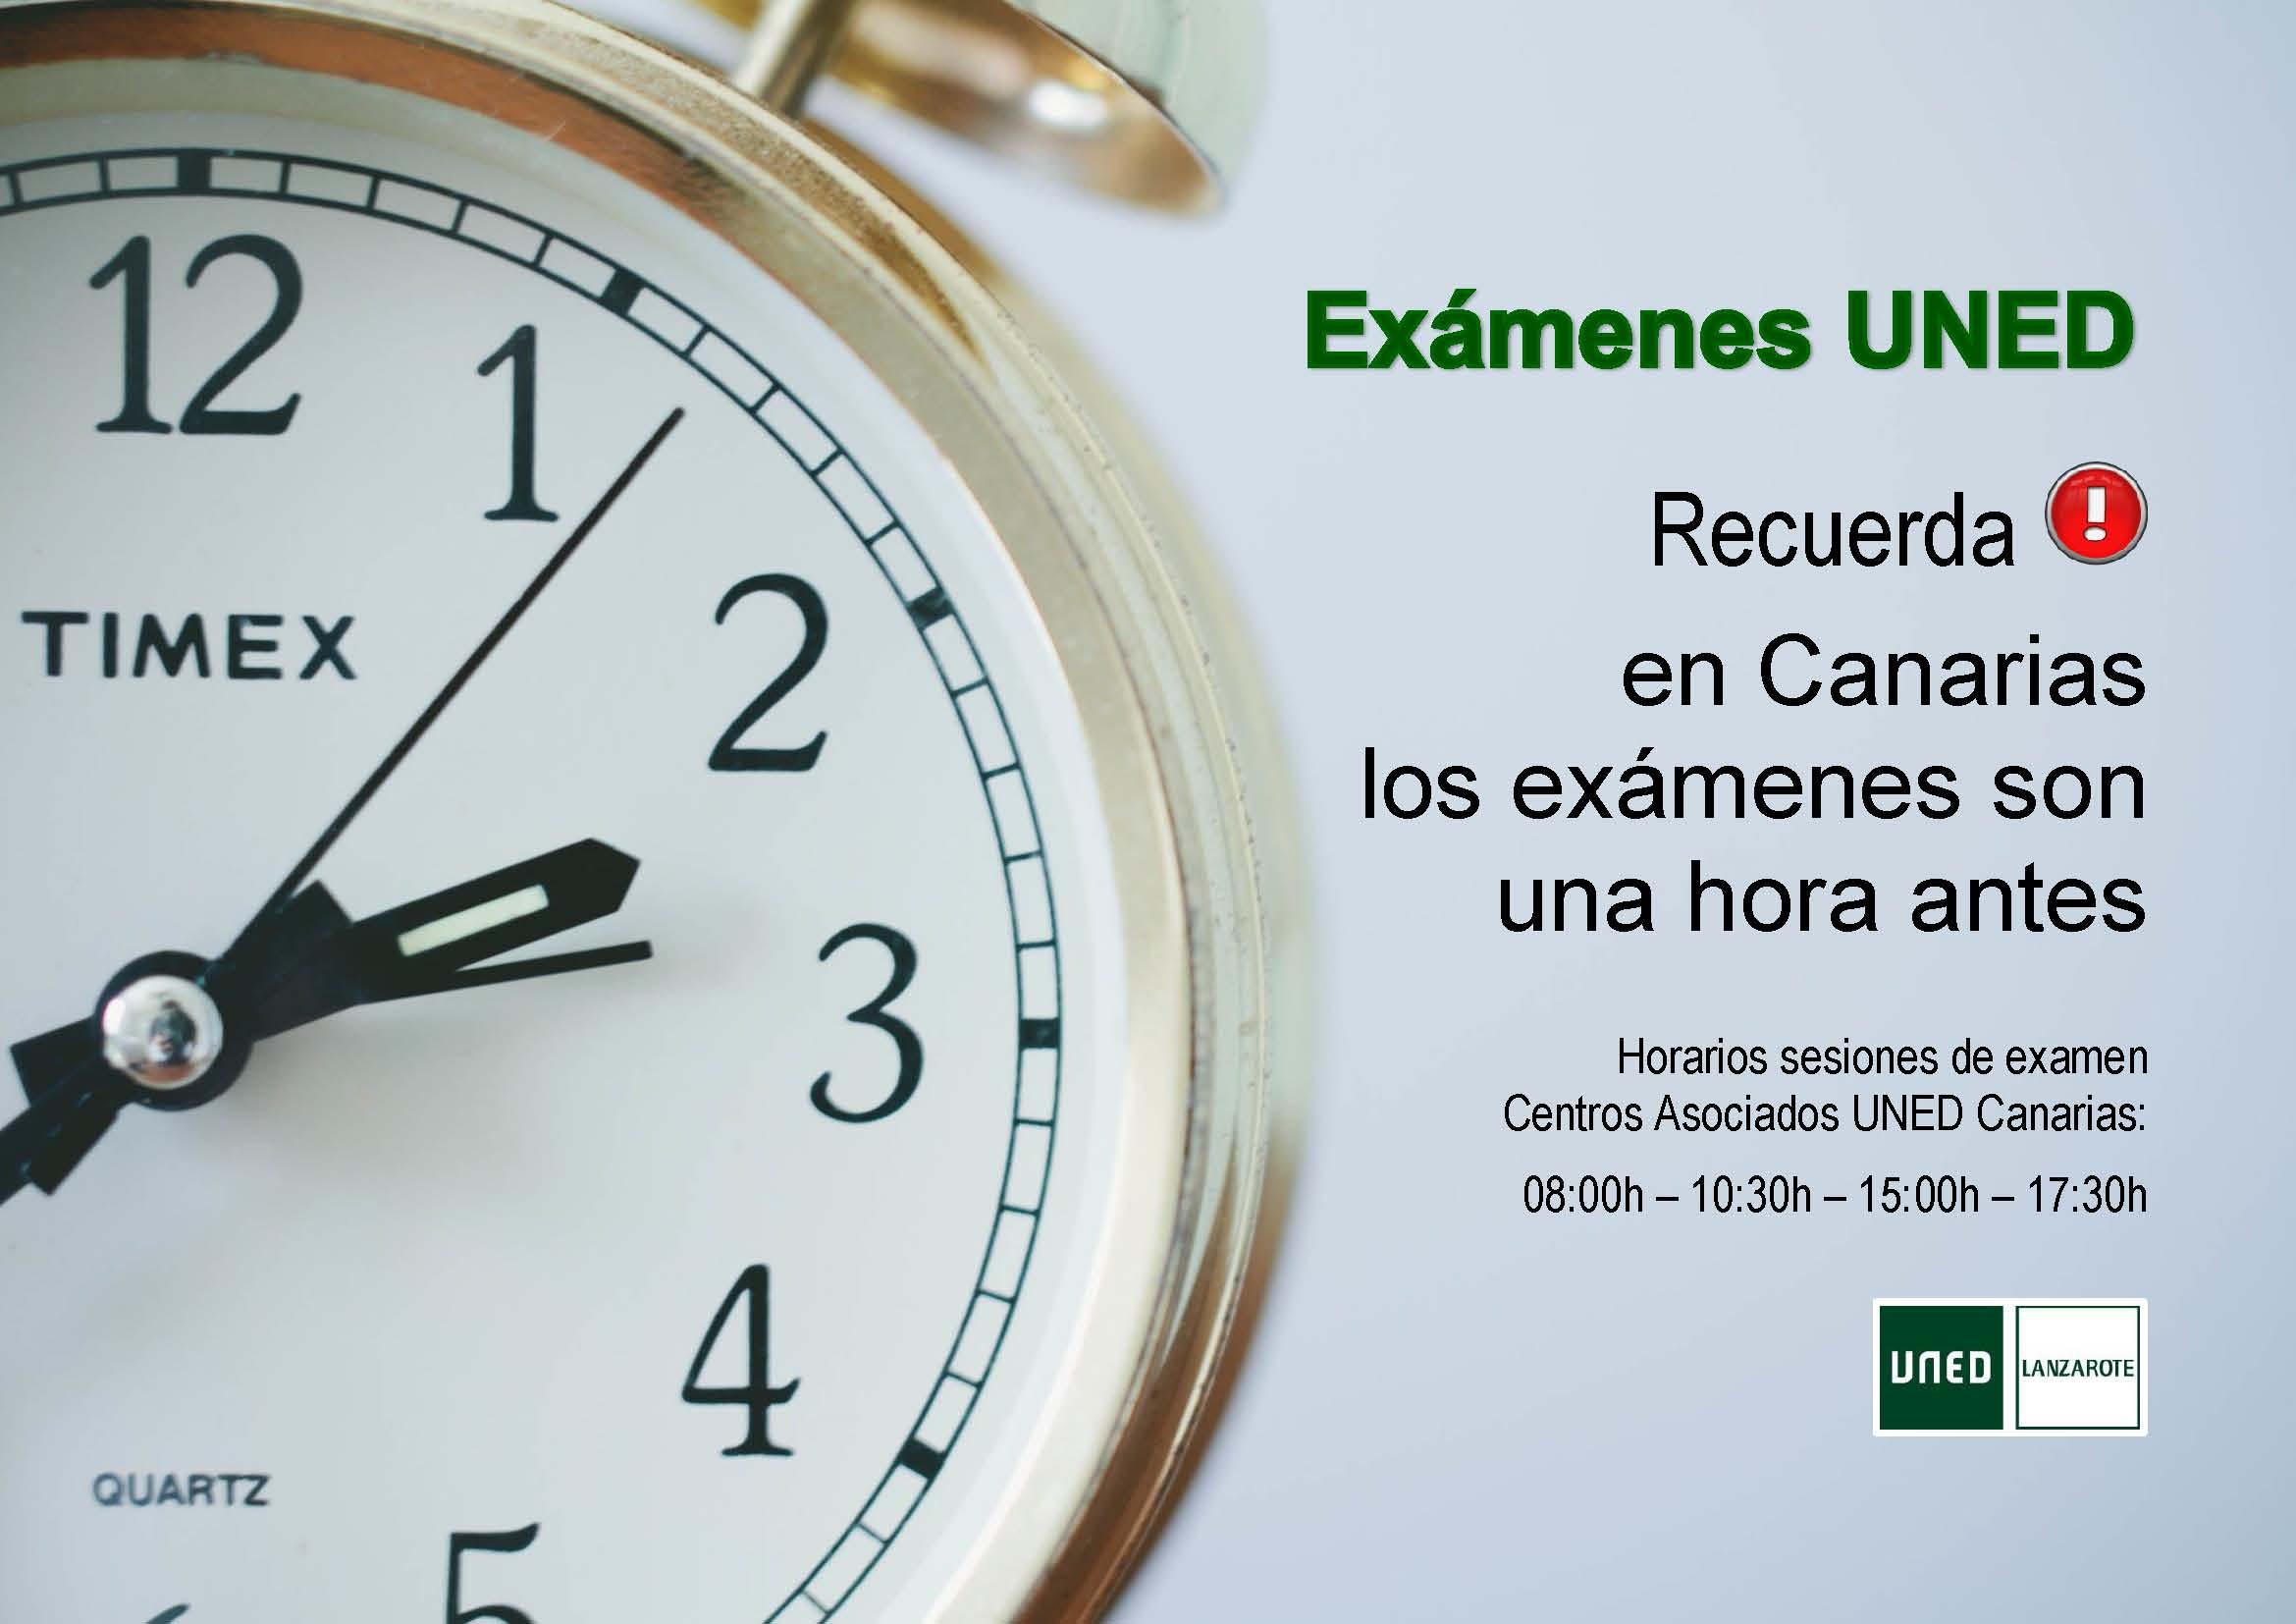 Uned Calendario Examenes.Pruebas Presenciales Examenes